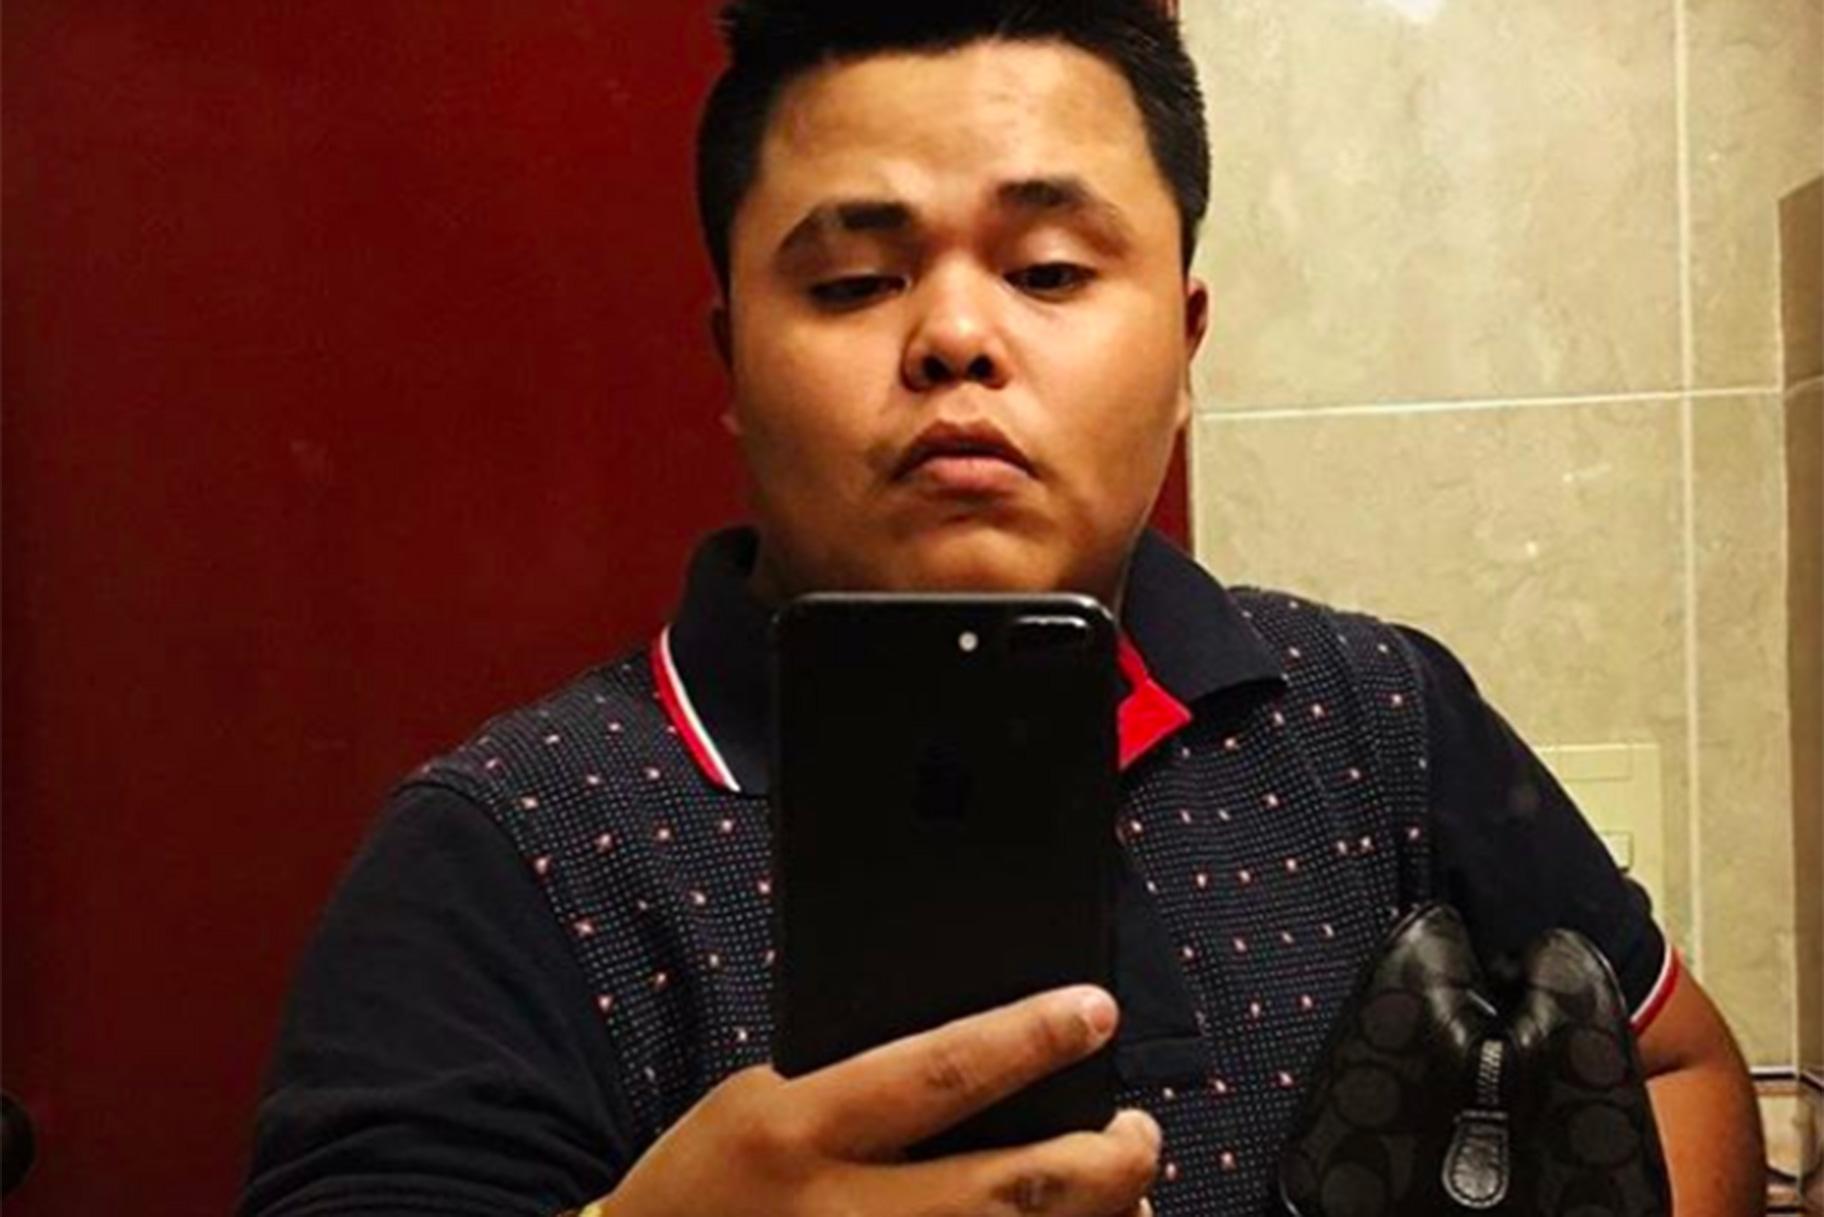 Isang Batang Bituin sa YouTube Ay Pinuno Ng 15 Bala Pagkatapos Ng Pang-insulto sa Panginoong Droga